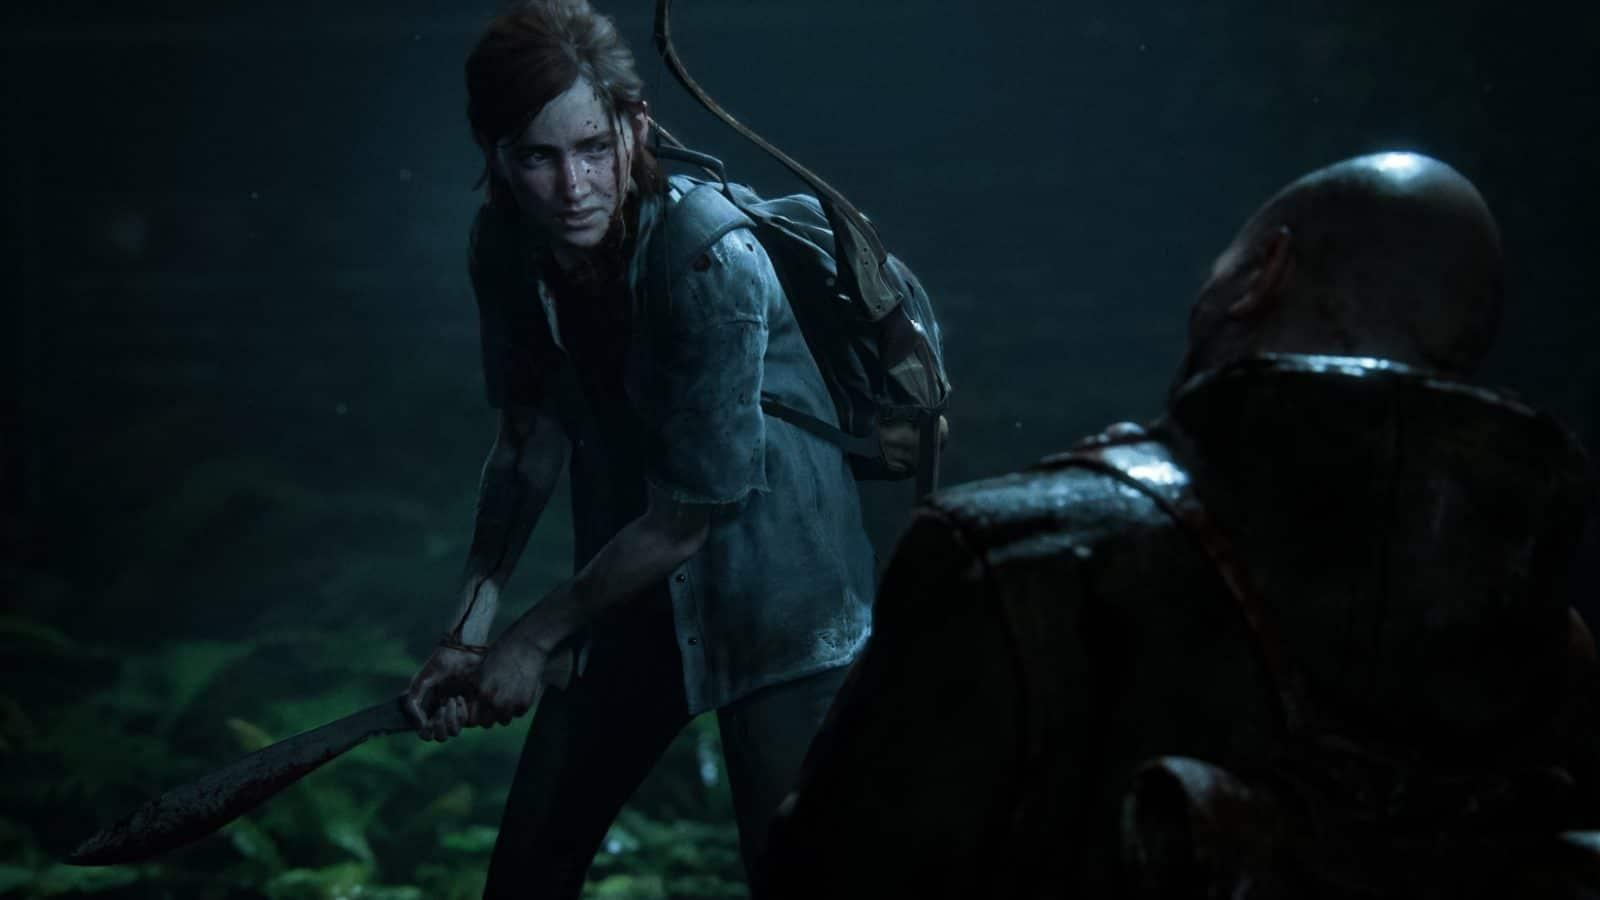 The Last of Us Part II là trò chơi điện tử hành động - kinh dị rất được mong đợi